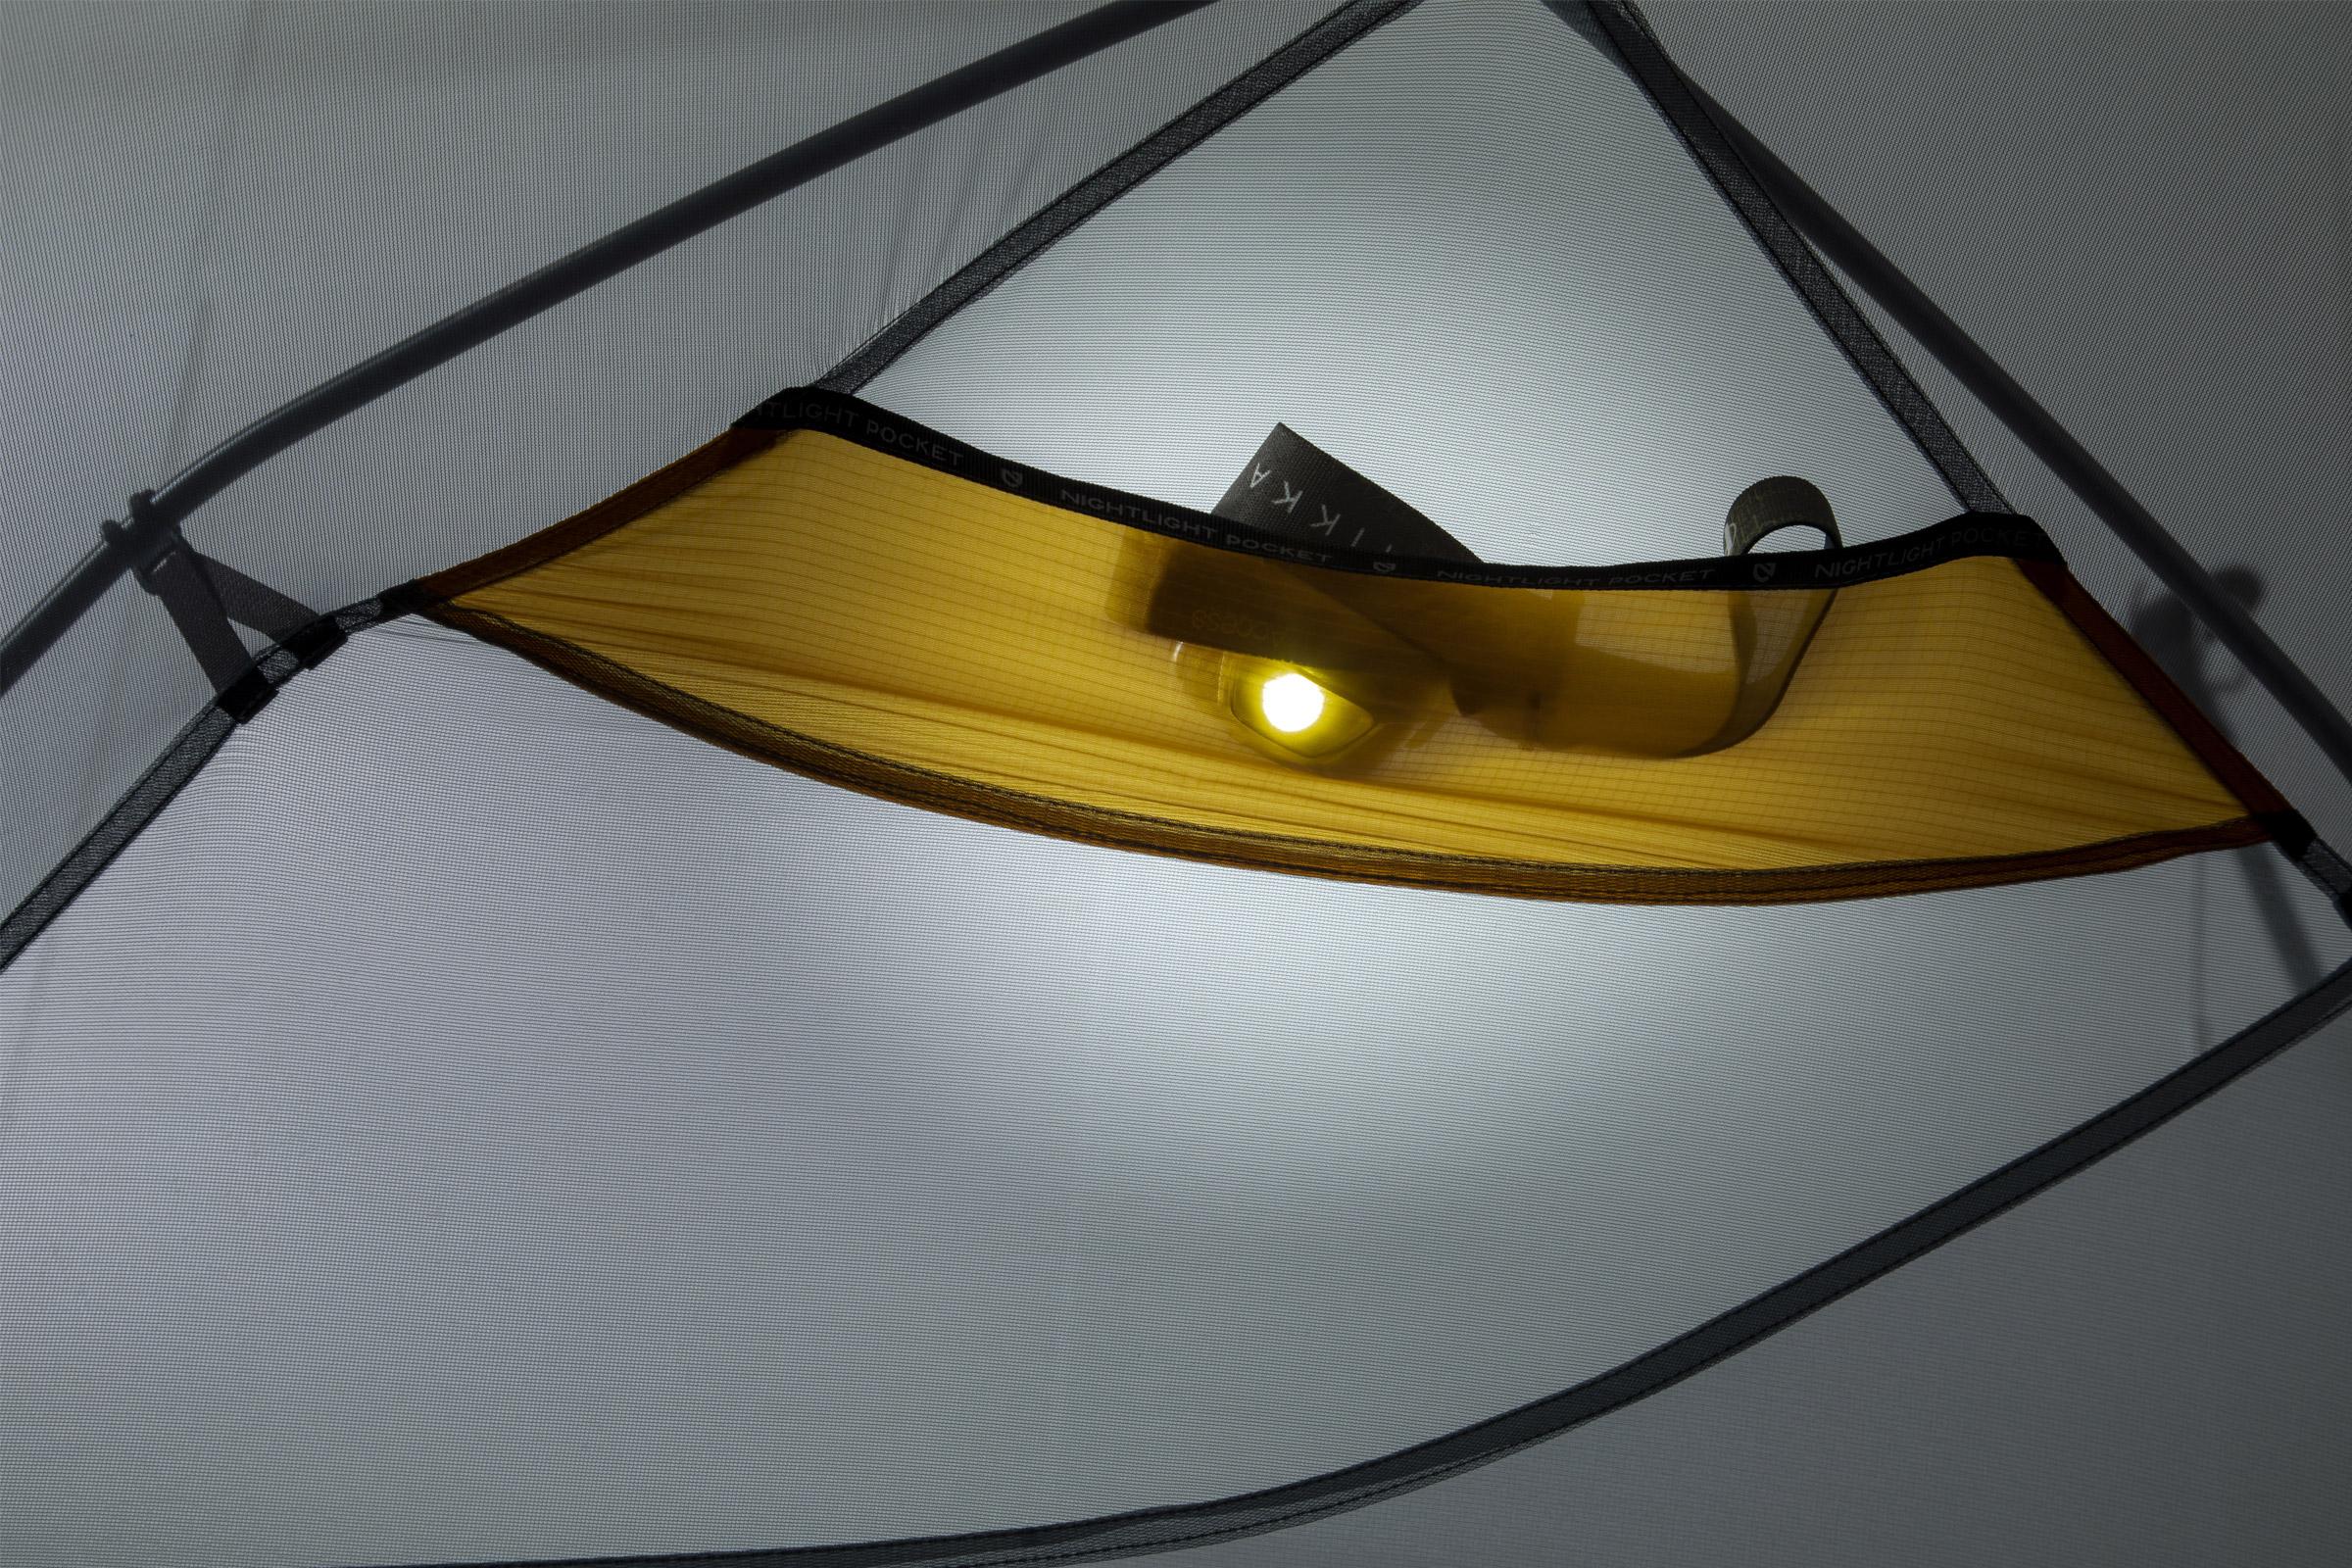 Nemo Osmo Dagger tent - lightpocket